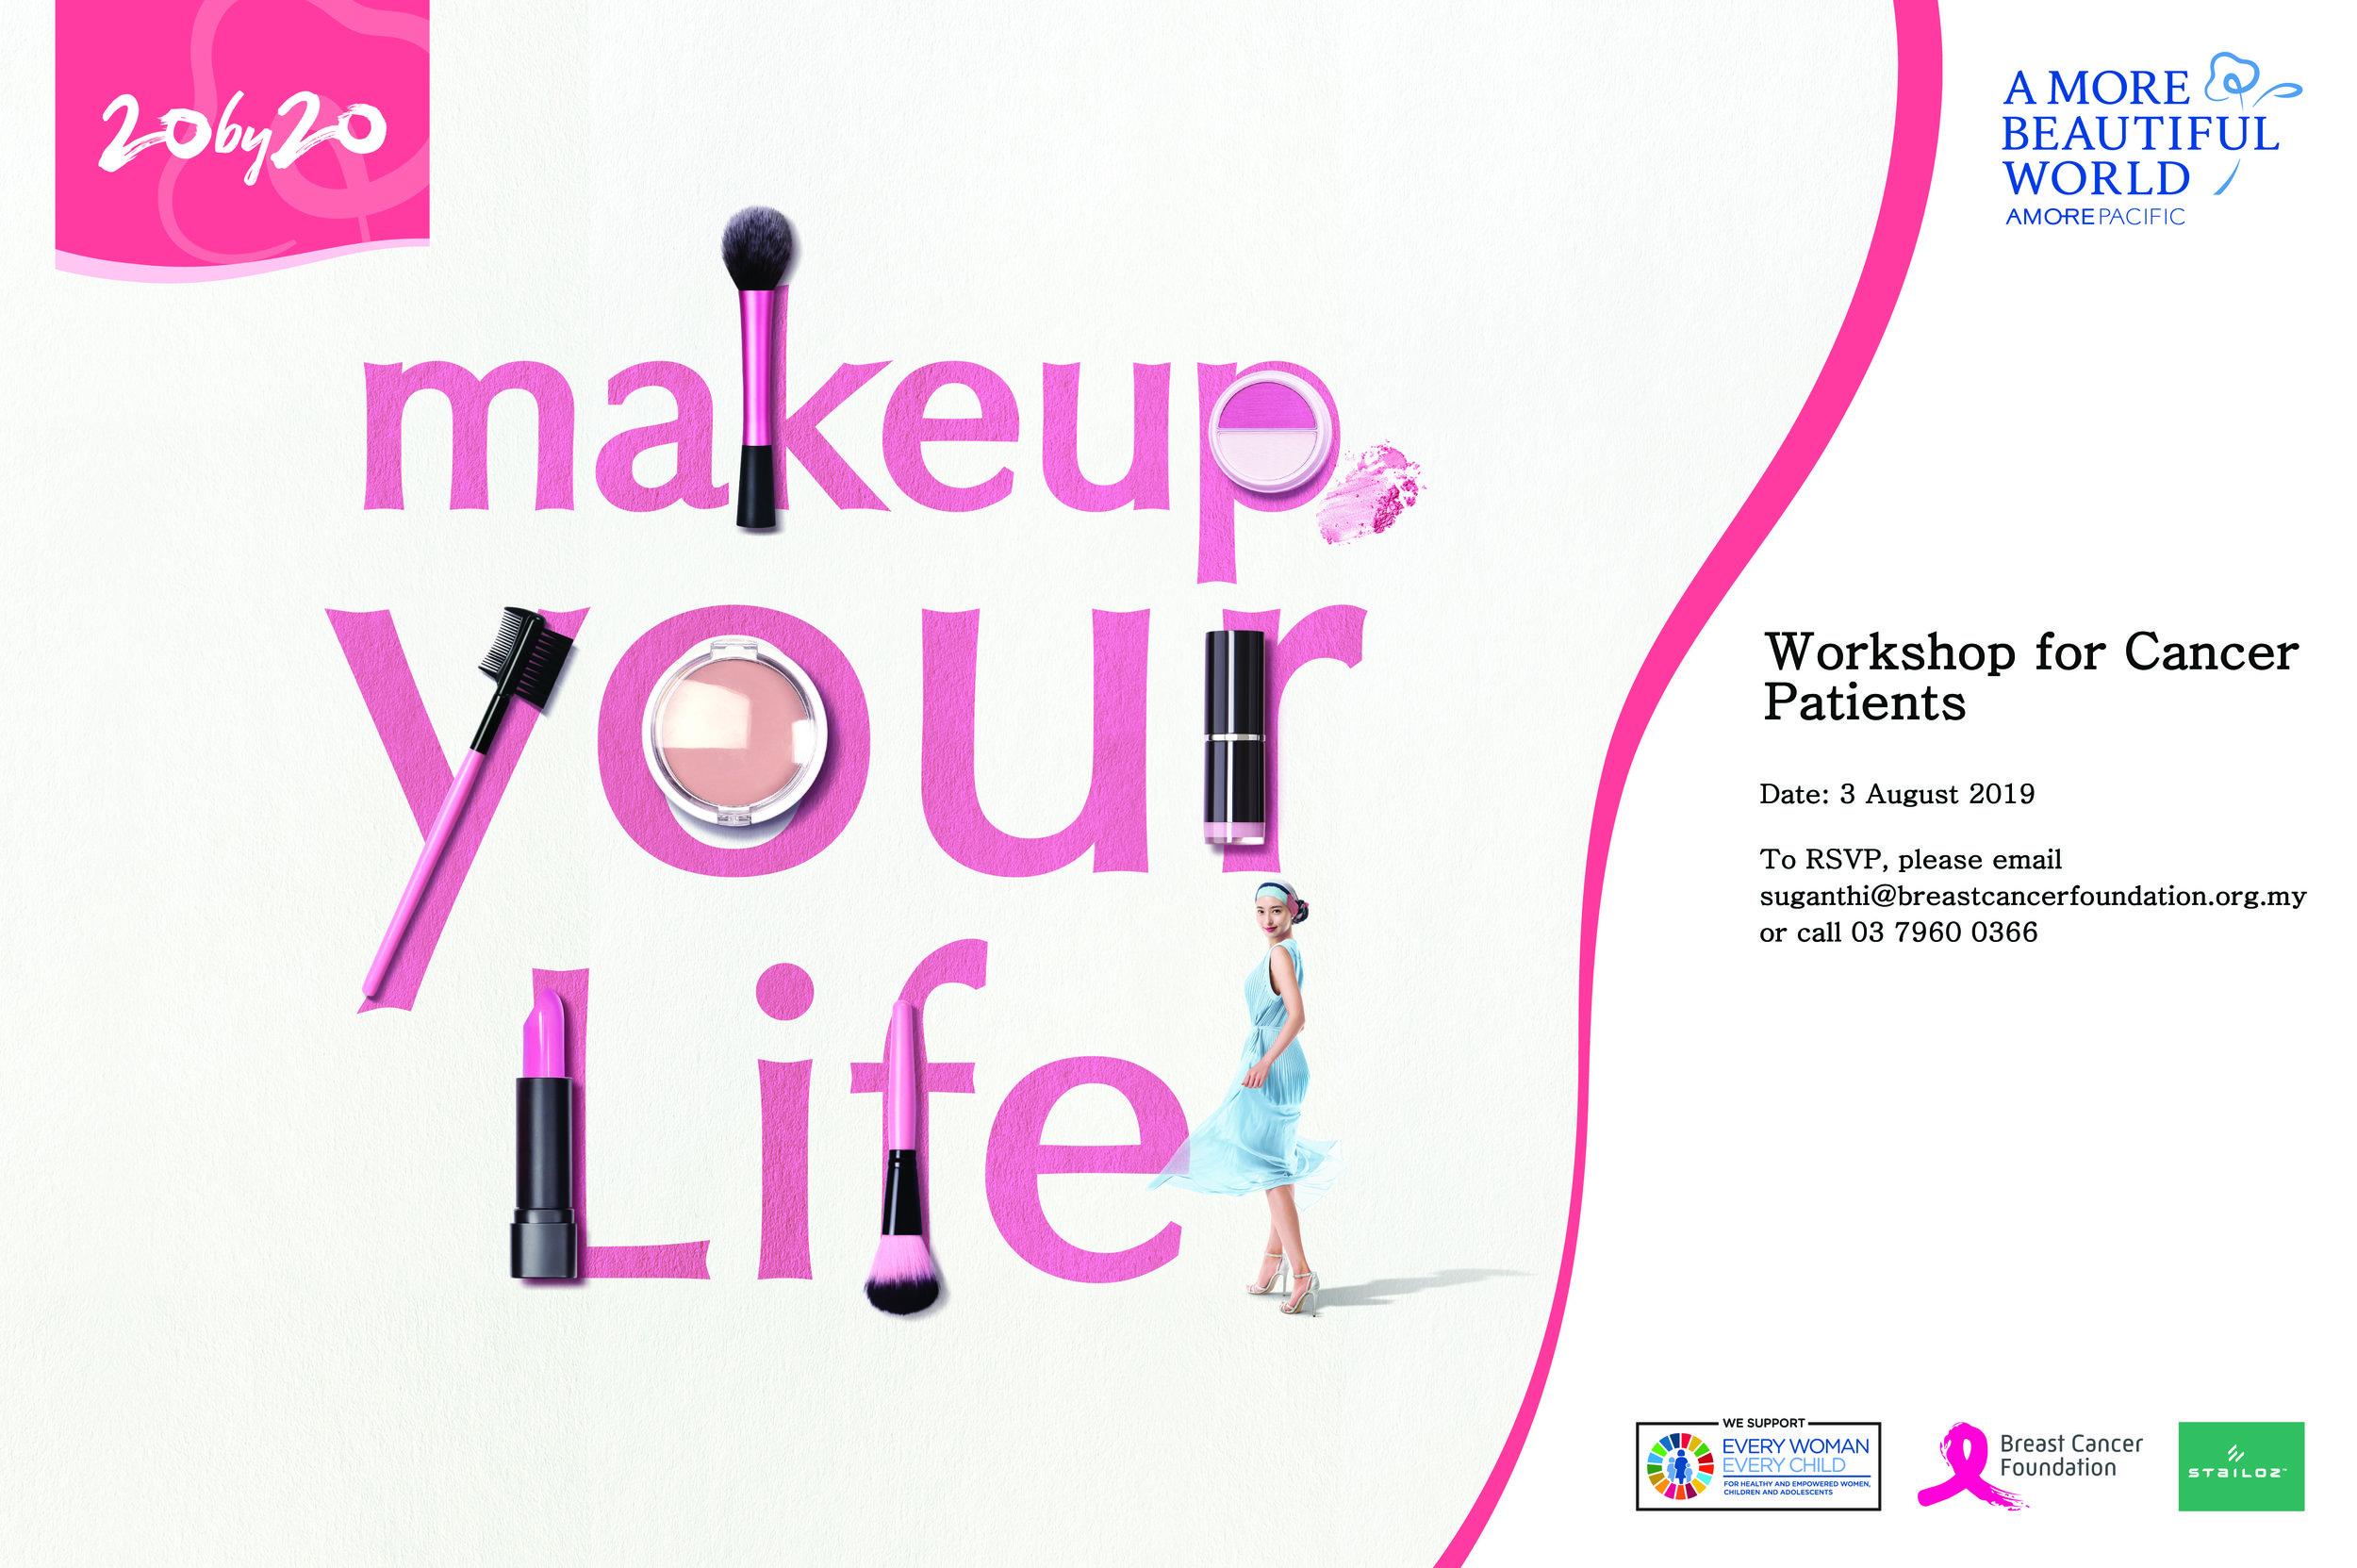 Make up Your Life_1200pt x 800pt Facebook.jpg